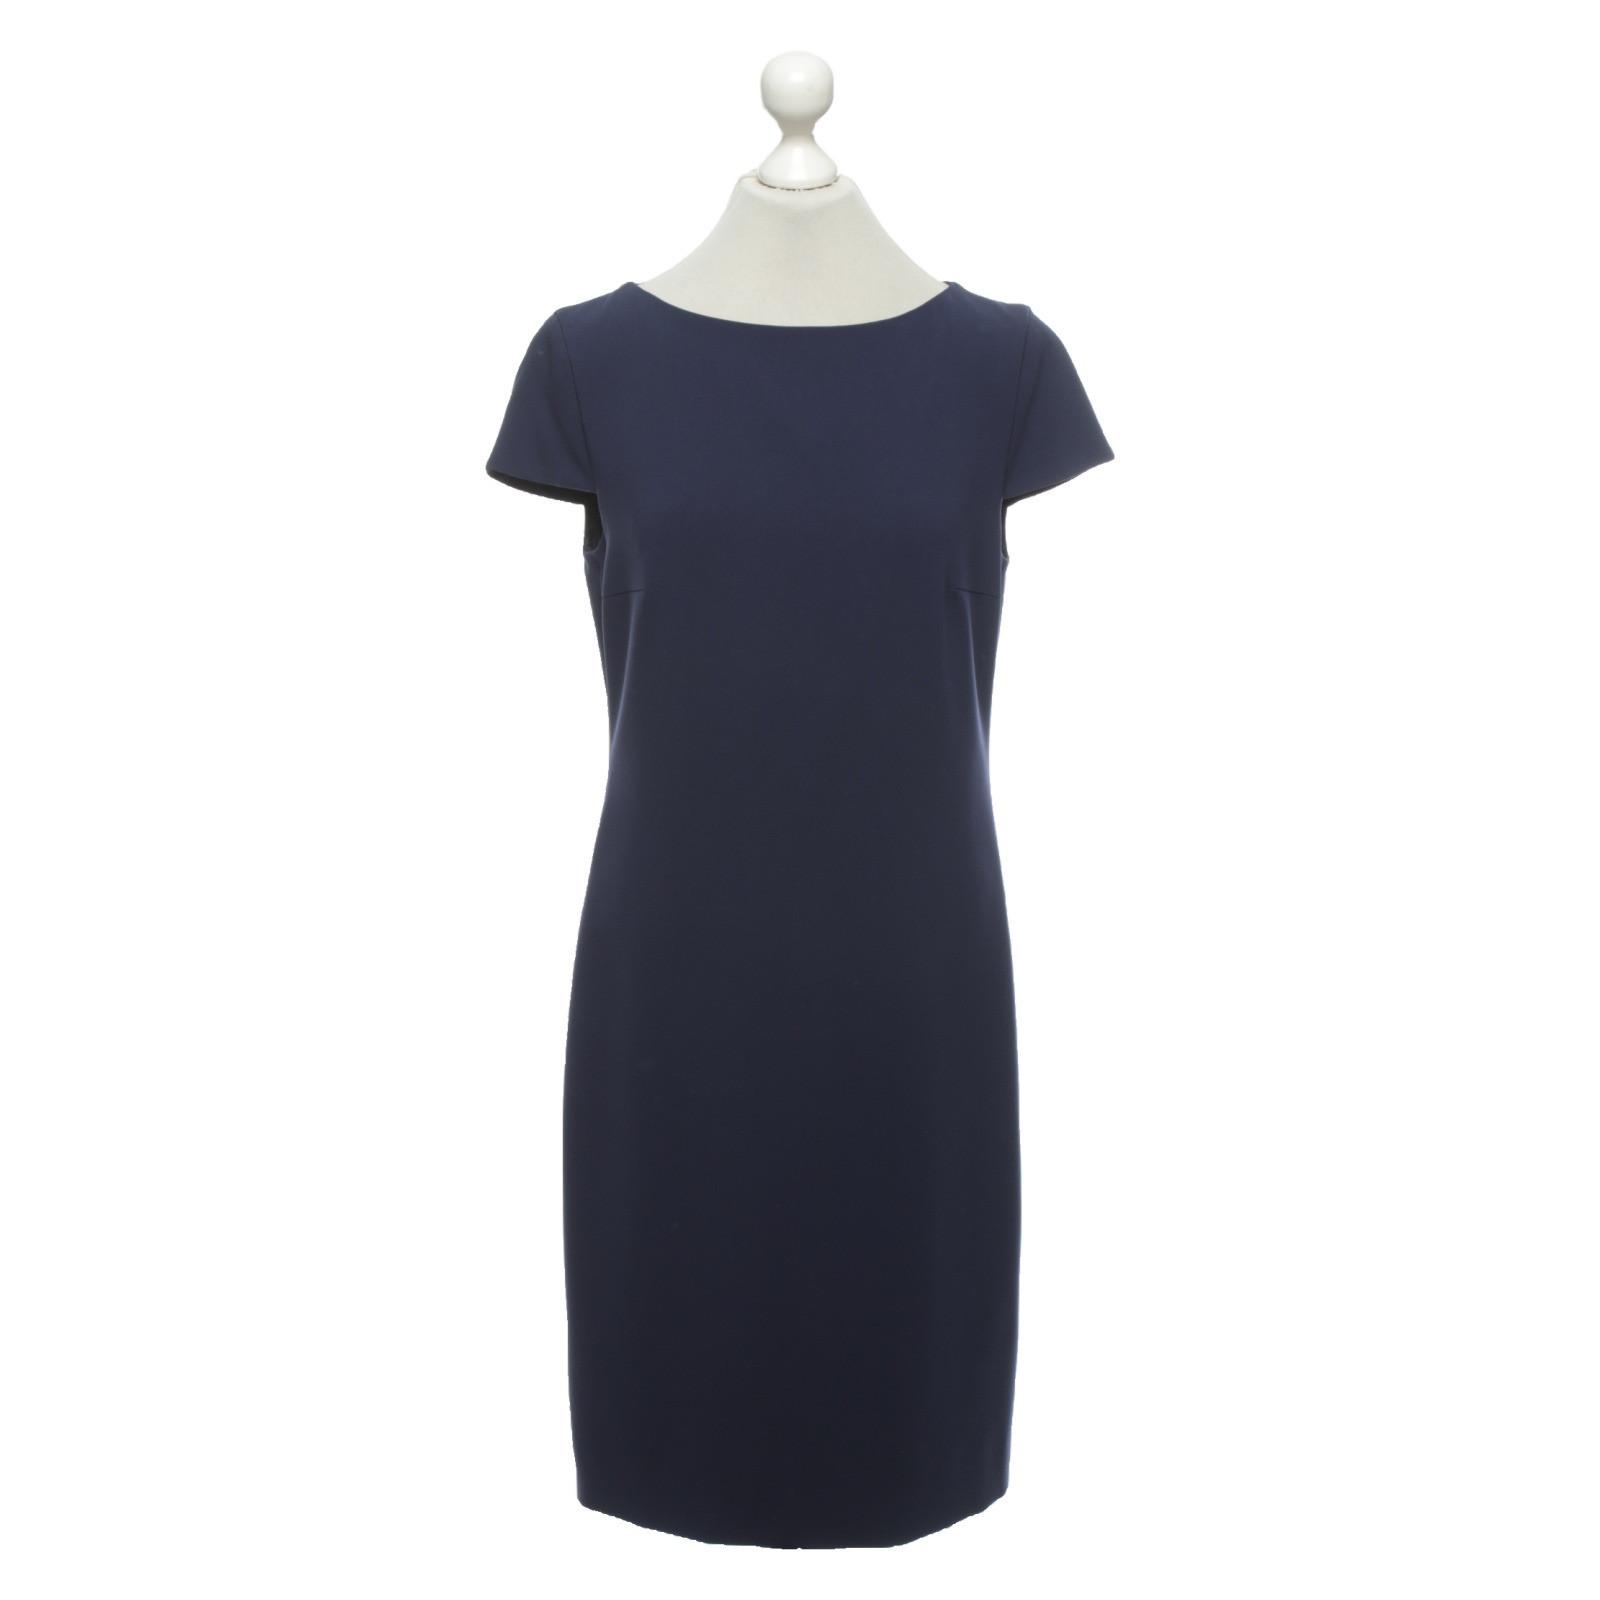 Strenesse Kleid in Blau - Second Hand Strenesse Kleid in Blau